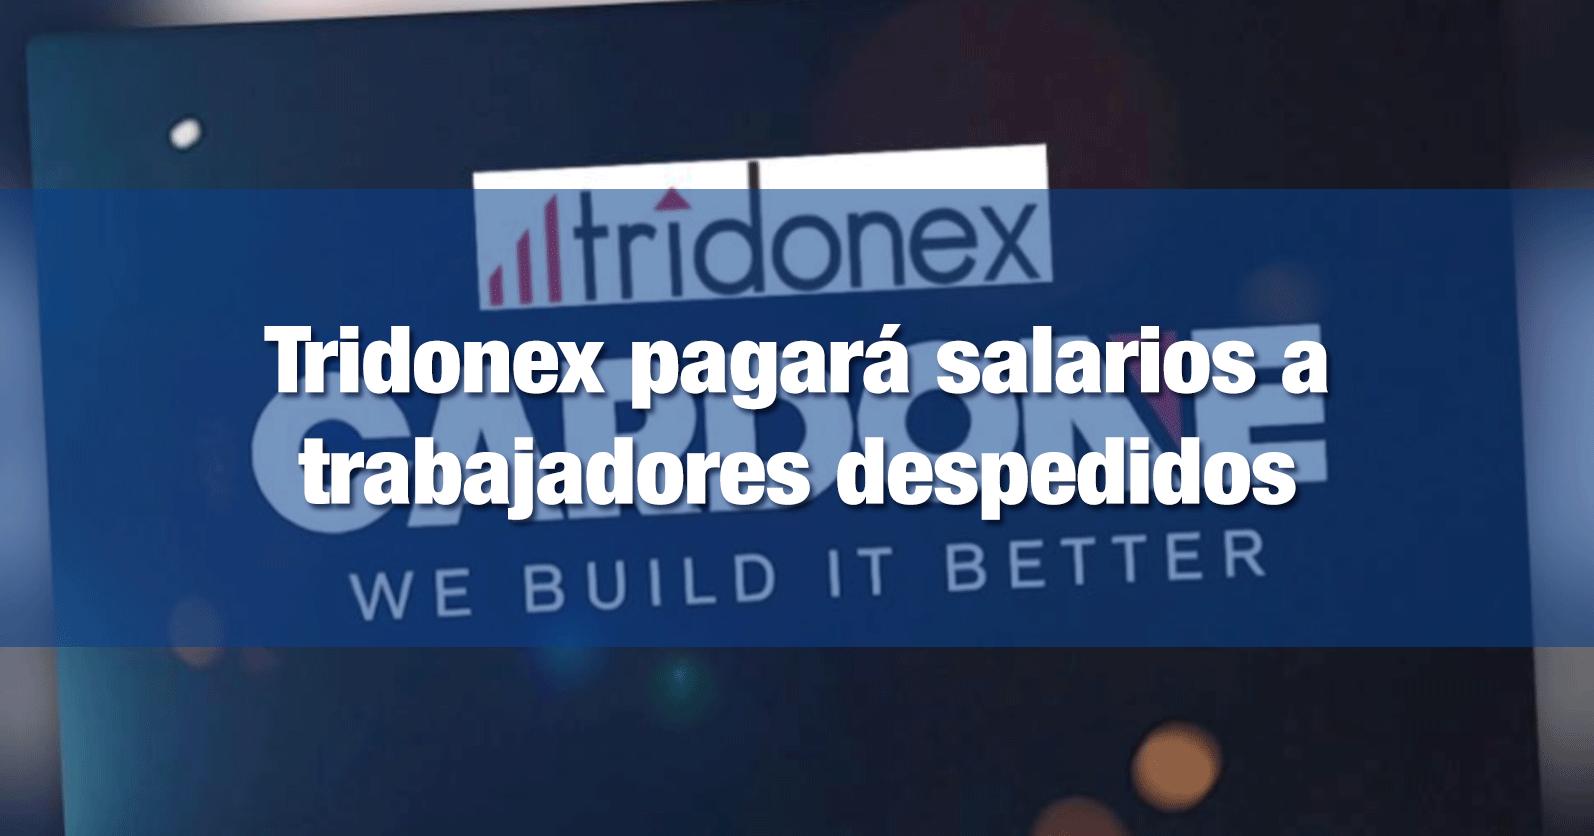 Tridonex pagará salarios a trabajadores despedidos